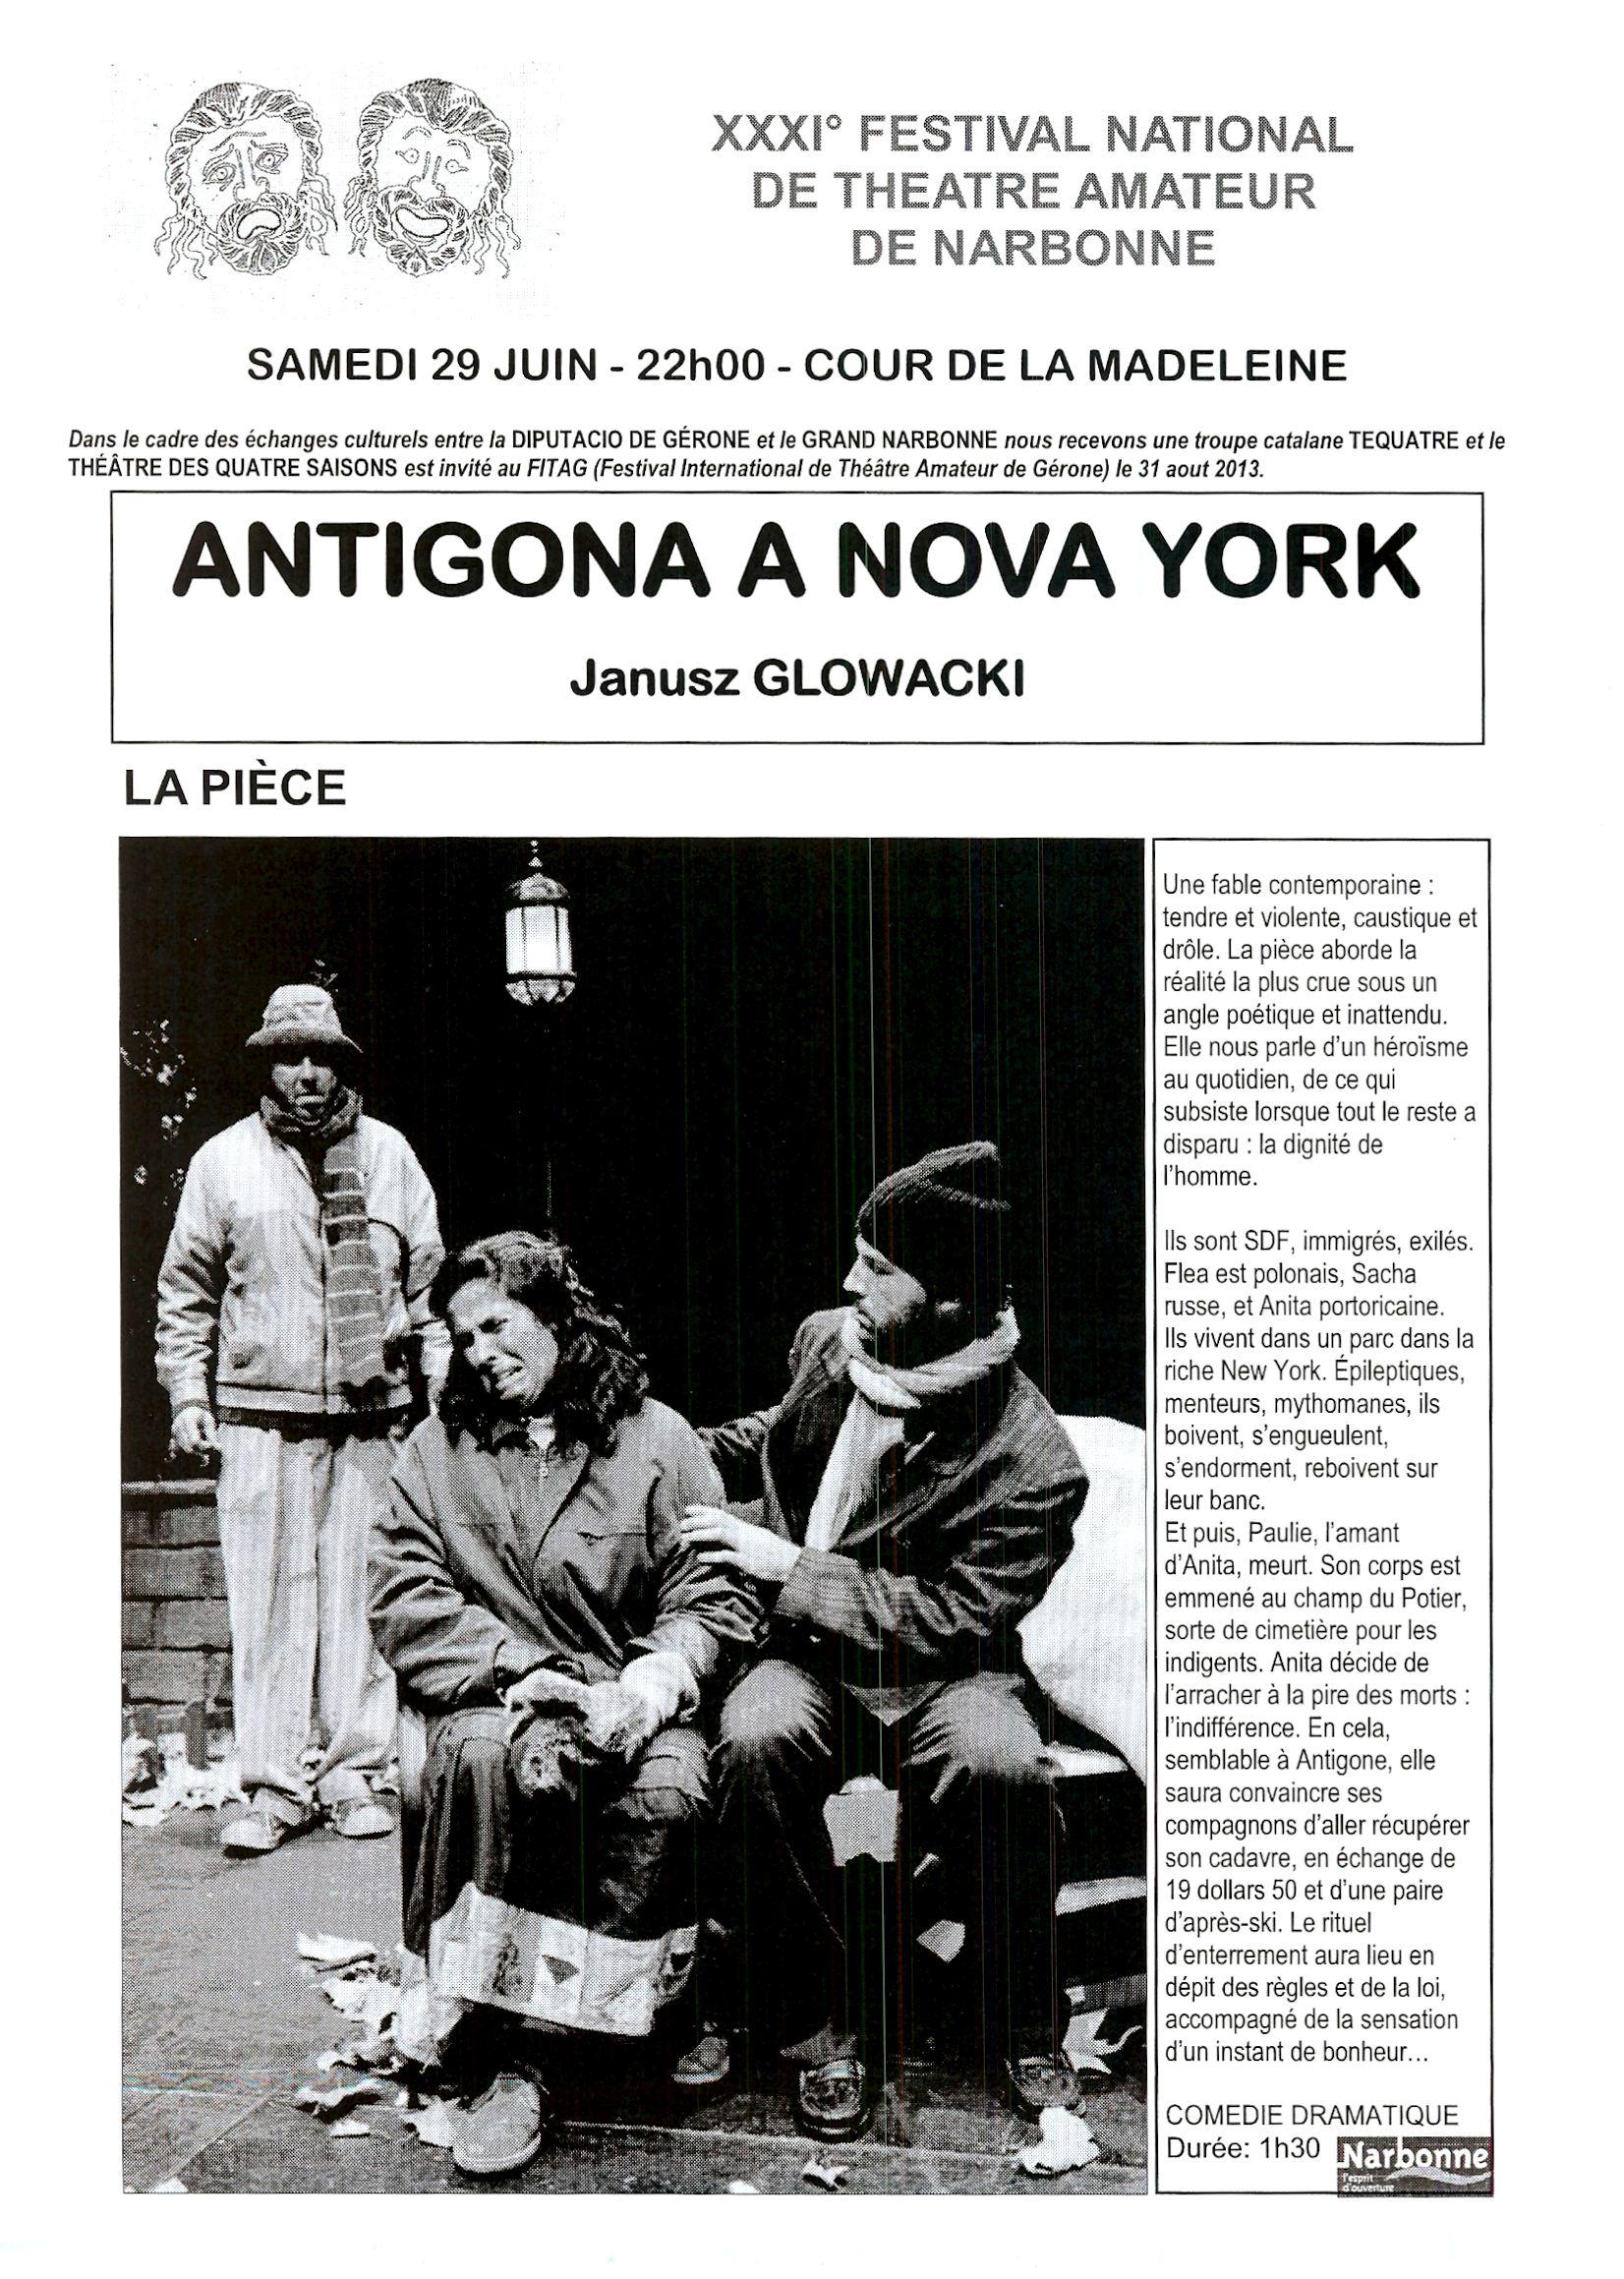 13-06-29 TQS -Tequatre - Antigona a NY - Narbonne 001 - P